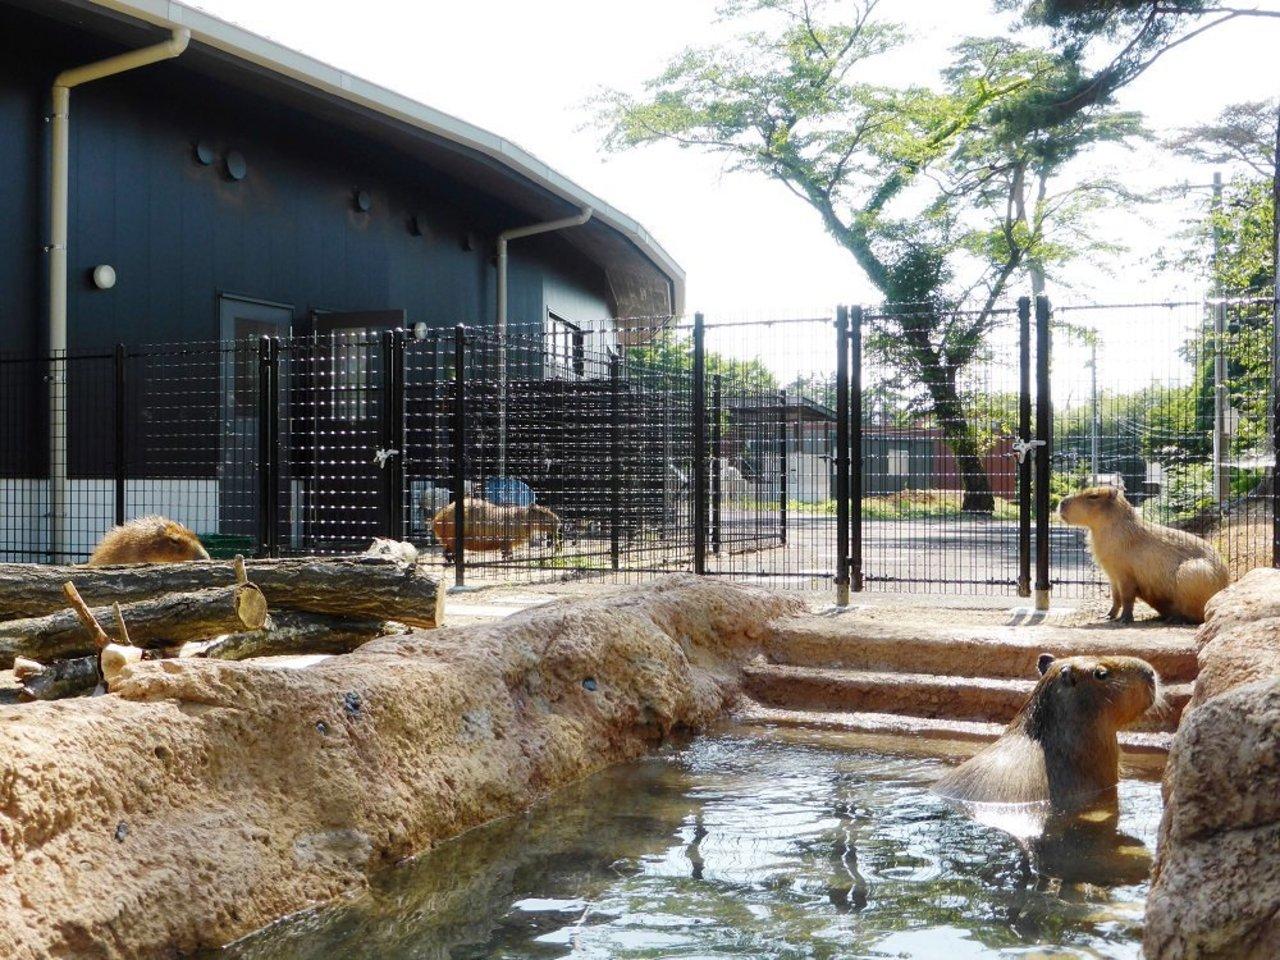 八木山ベニーランド向かいの動物公園...宮城県仙台市太白区八木山本町の「仙台市八木山動物公園」